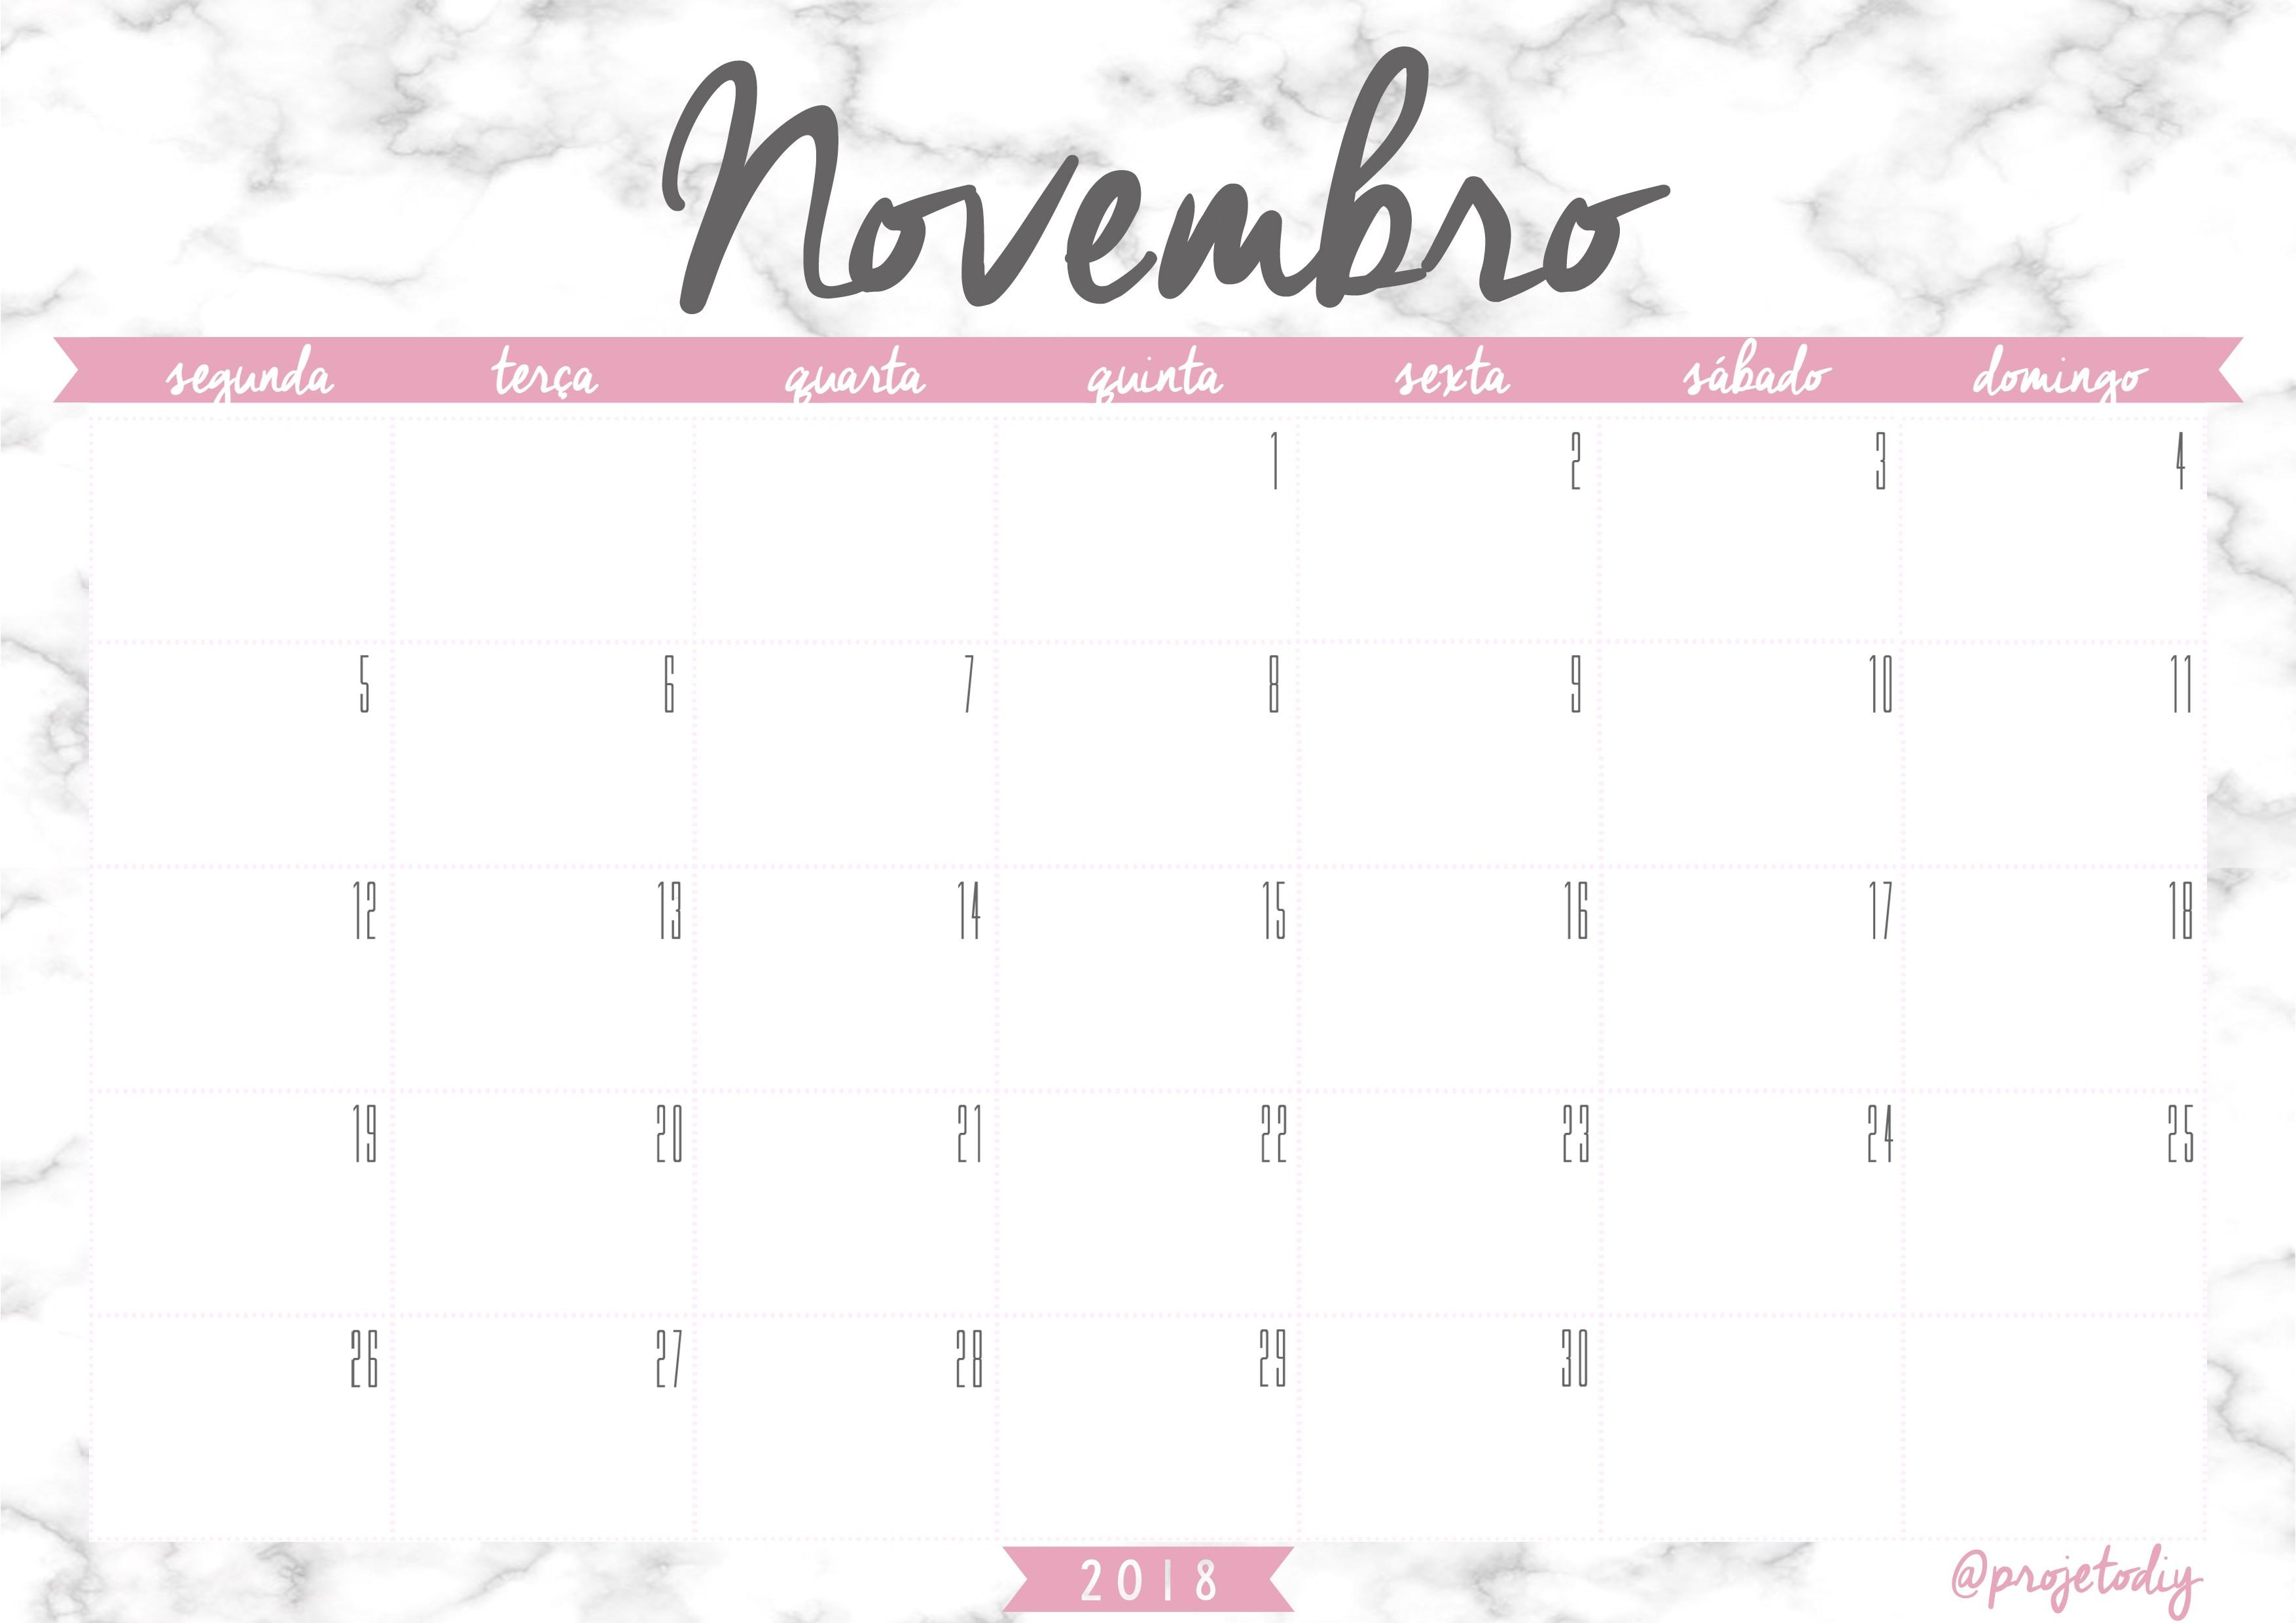 calendario 2018 novembro